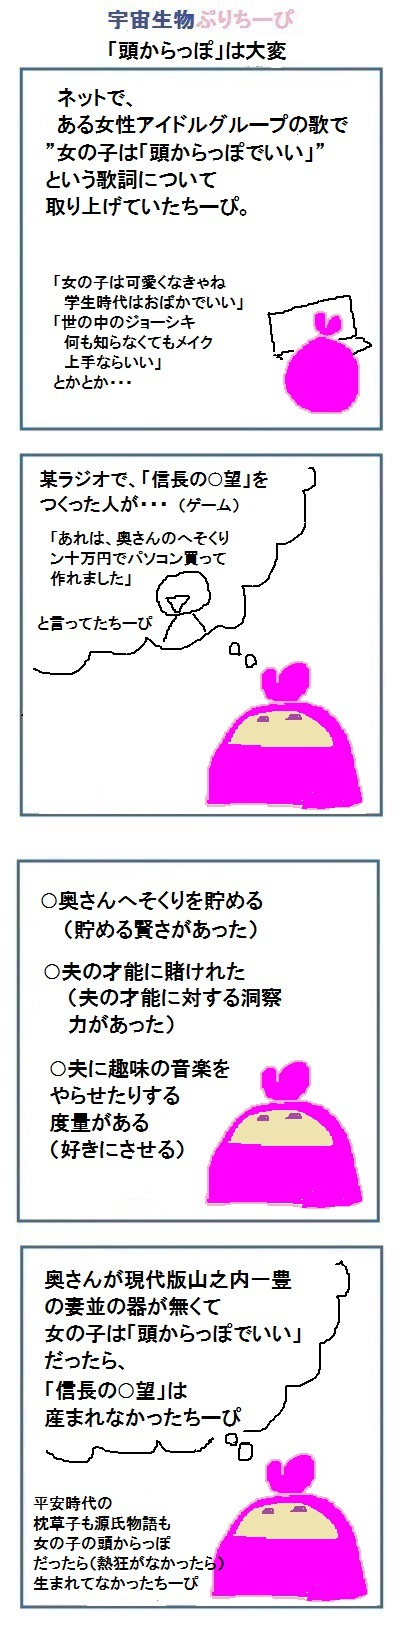 160525_アルファベット数字グループ